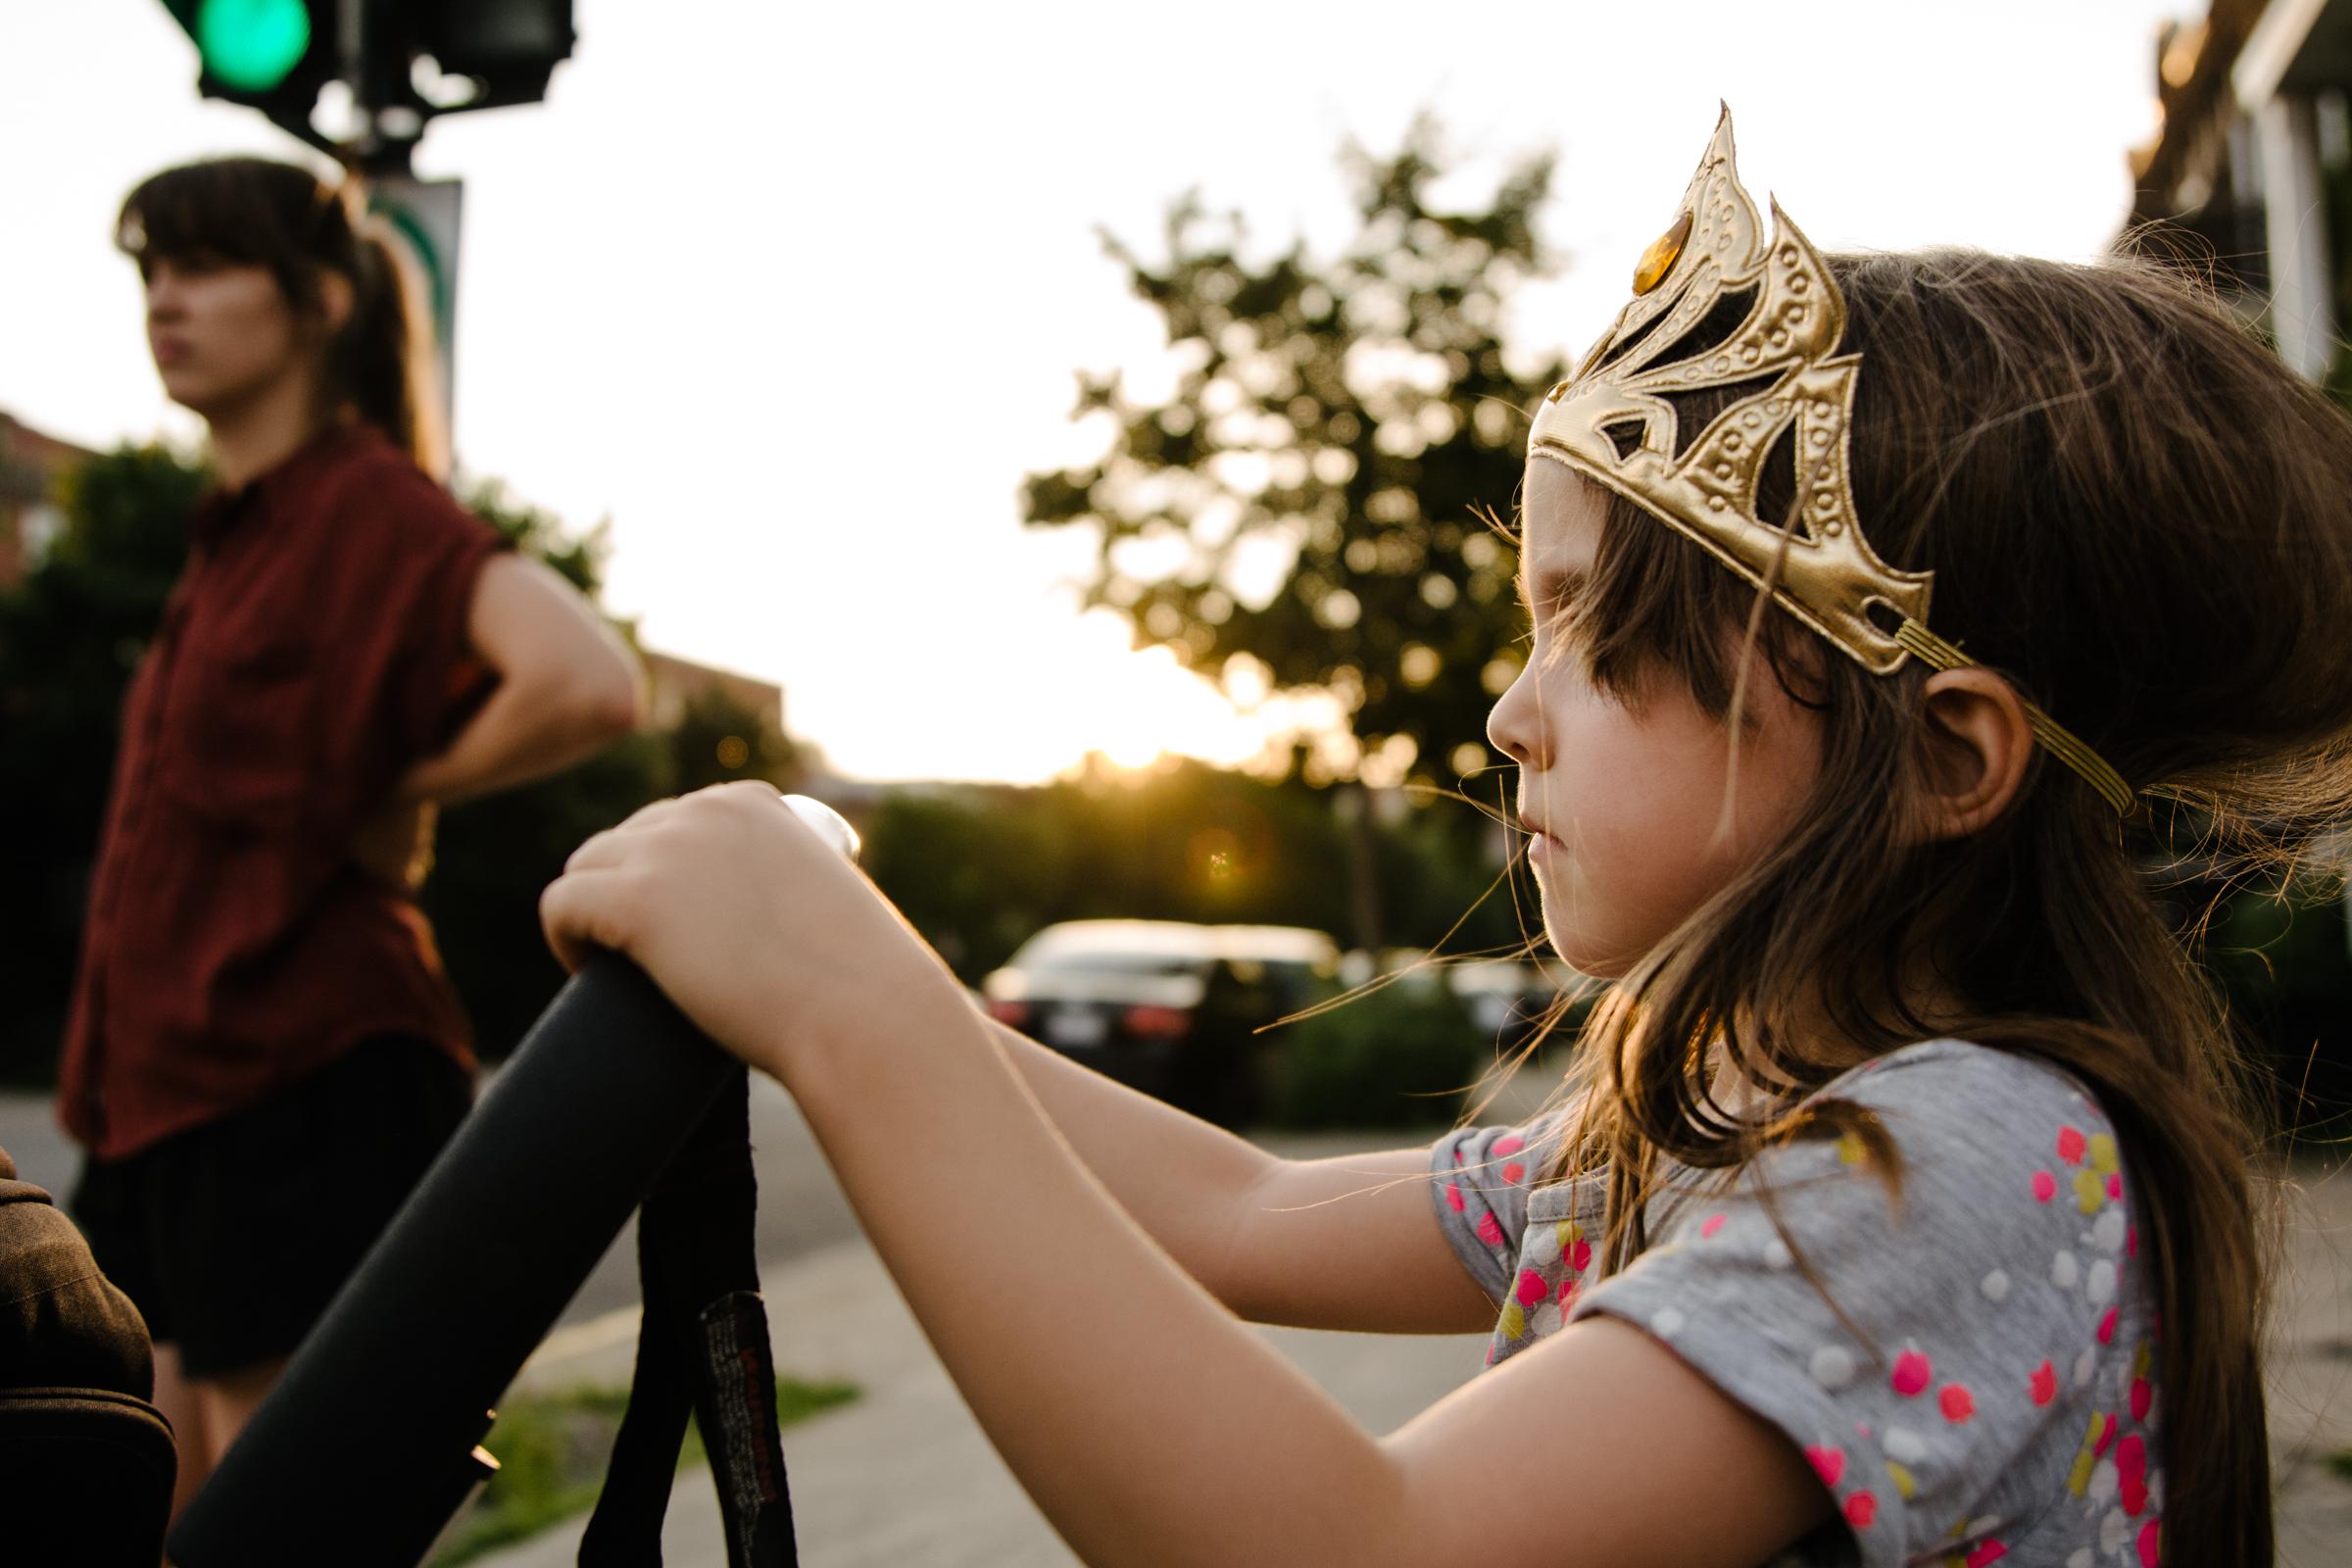 photo-d-une-grande-soeur-a-couronne-qui-pousse-une-poussette-photographe-lifestyle-de-famille-a-montreal-marianne-charland-048.jpg